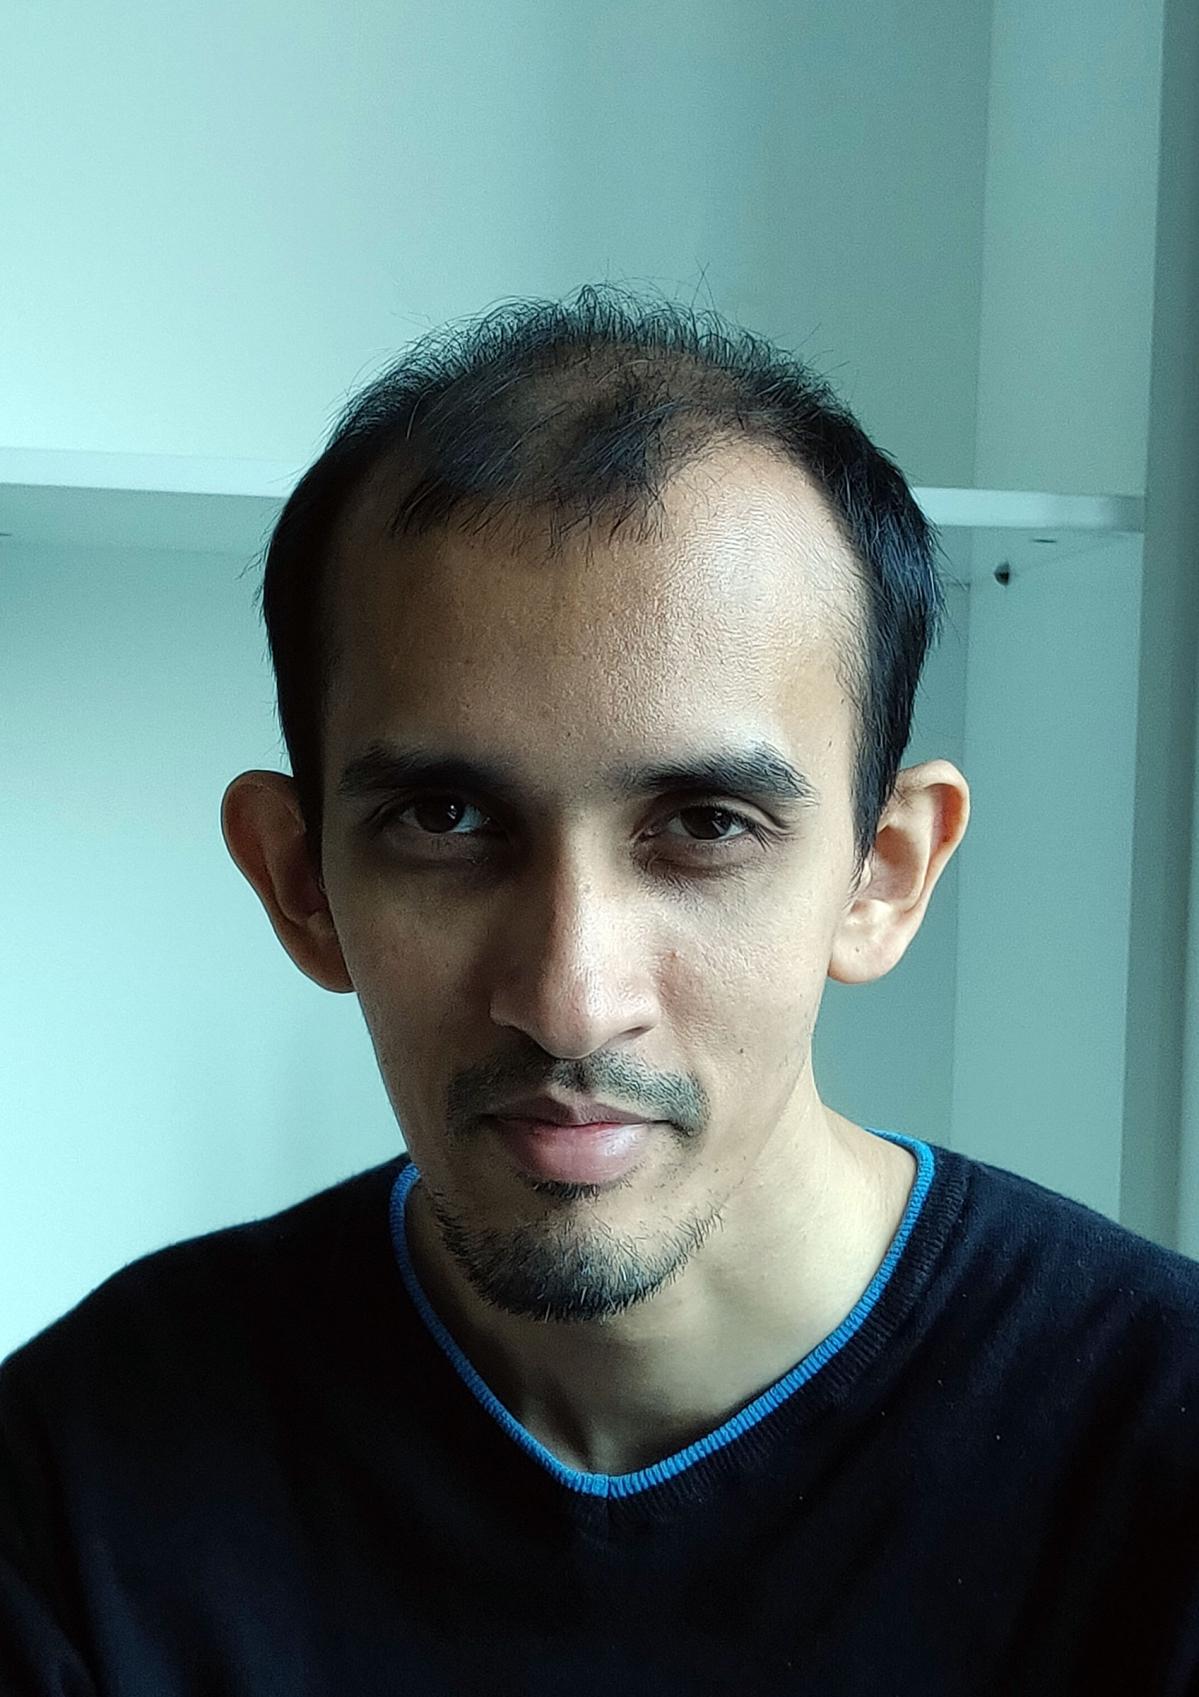 Rajdatta Ranade